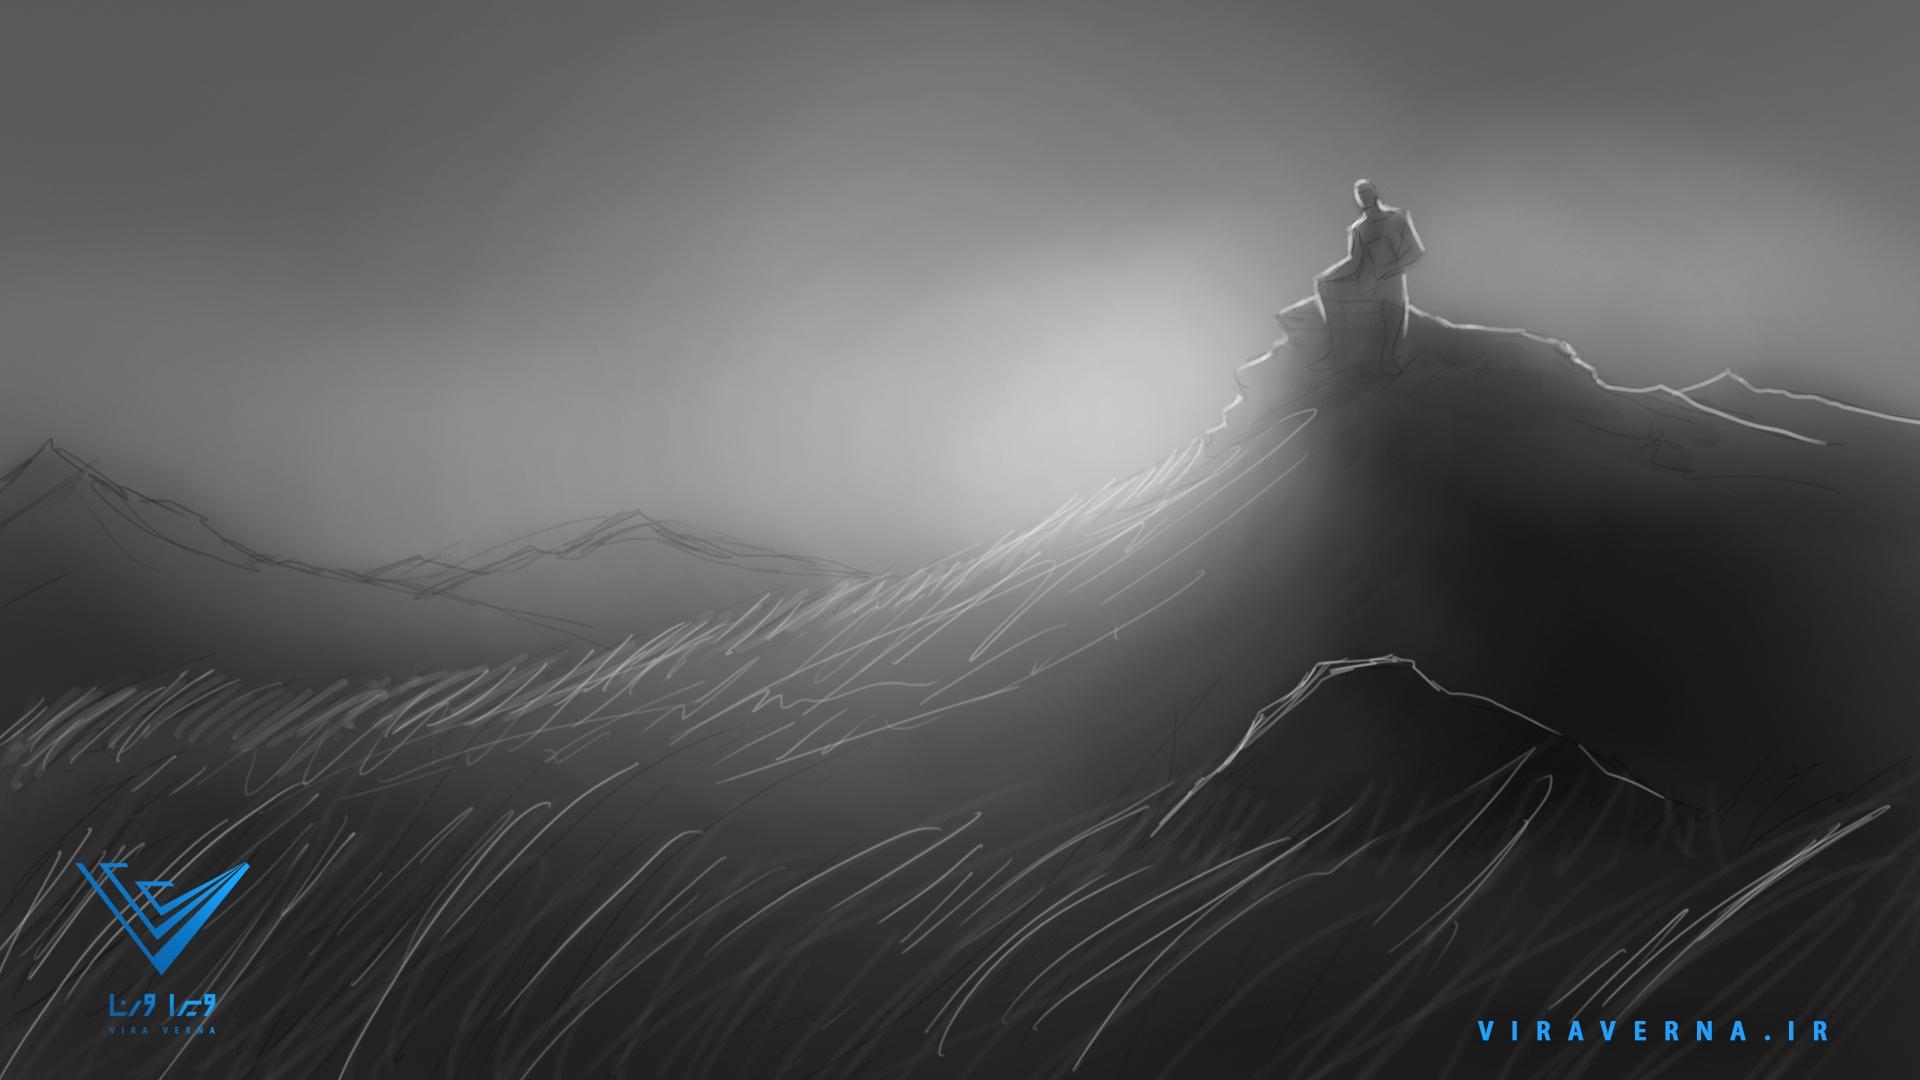 انیمیشن روز بزرگداشت فردوسی - استوری بورد سیزدهم